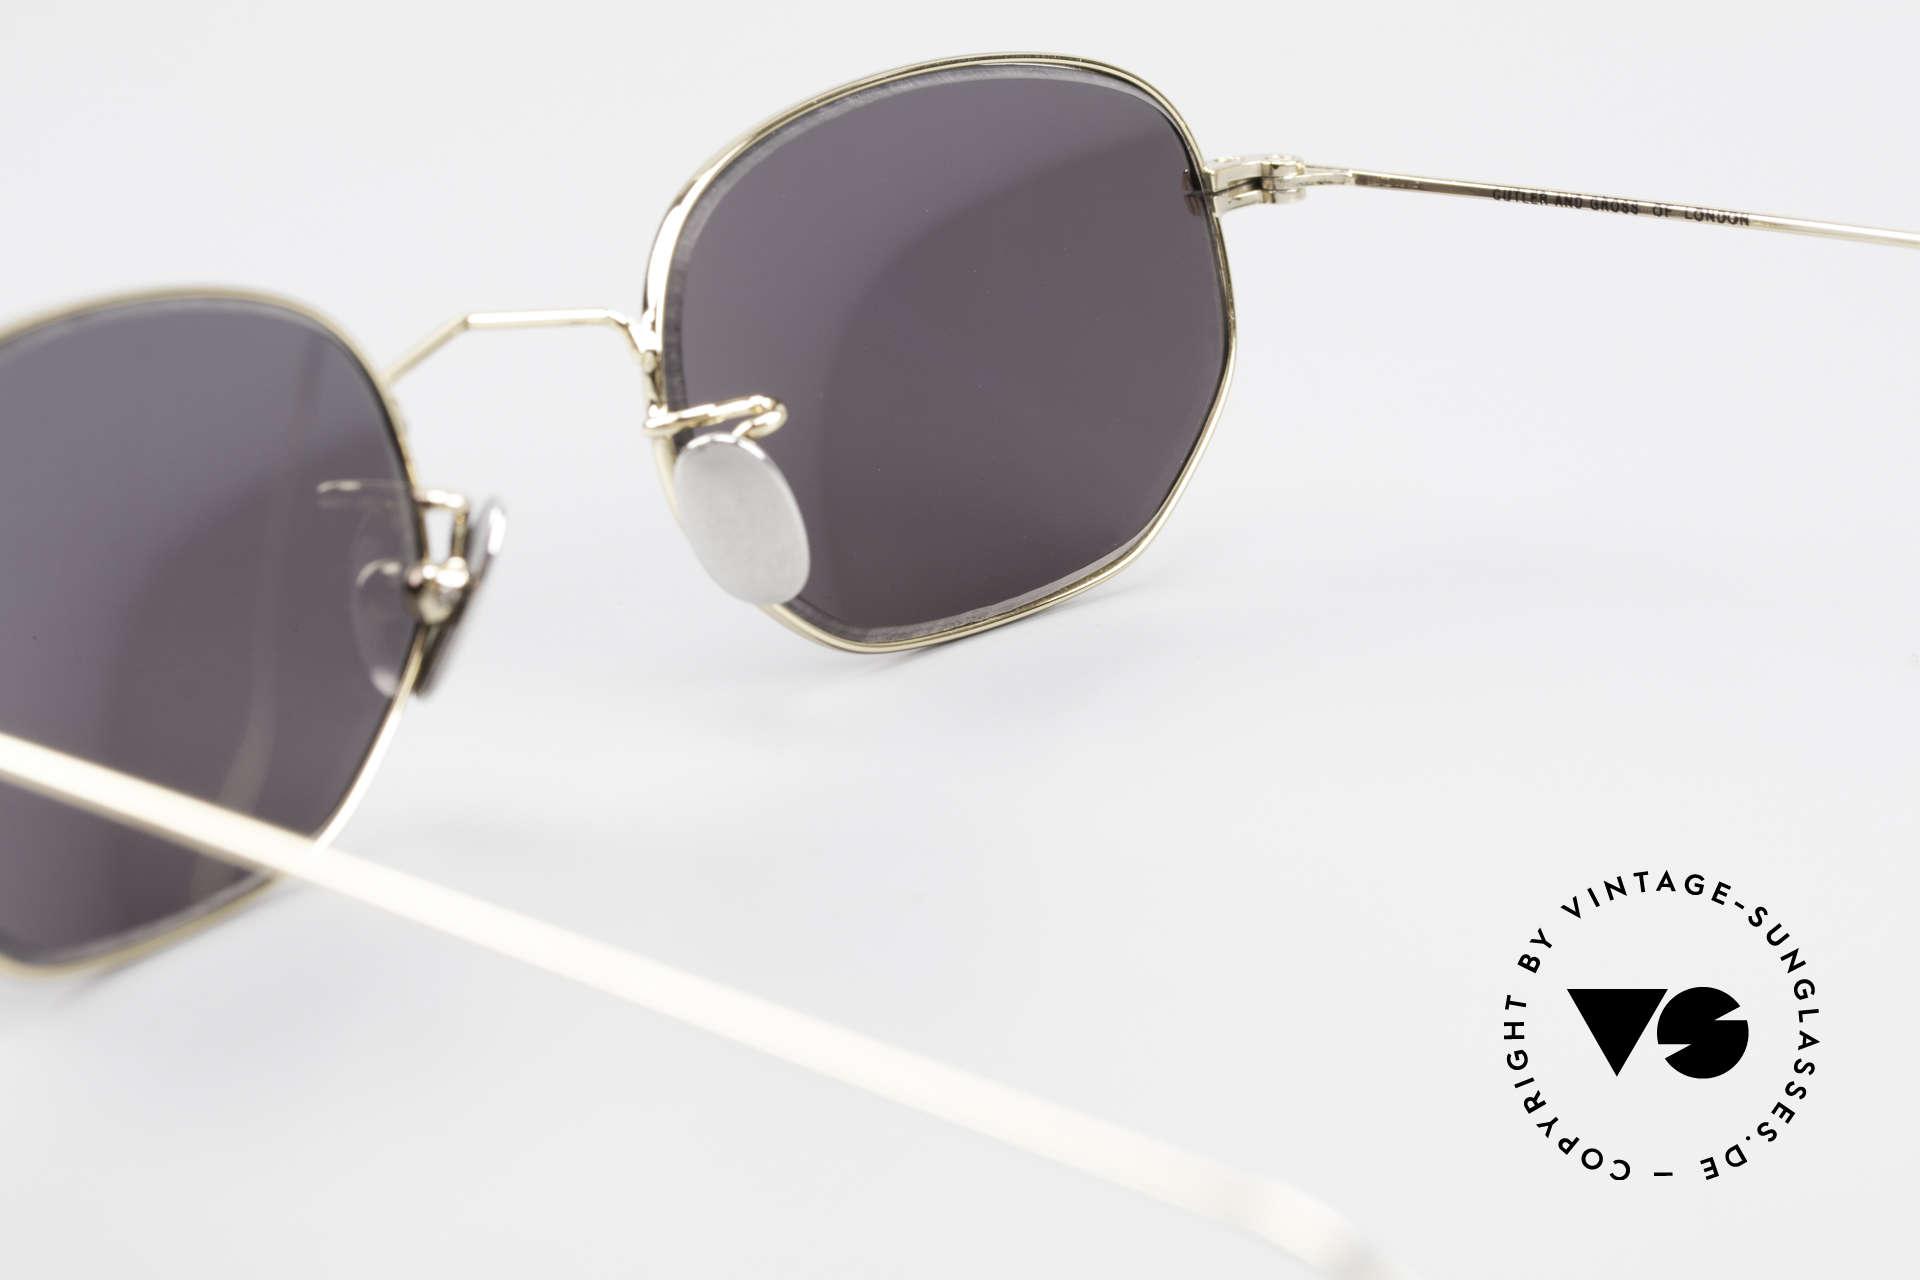 Cutler And Gross 0370 Klassische Sonnenbrille 90er, KEINE Retrobrille, sondern ein 20 Jahre altes Original!, Passend für Herren und Damen